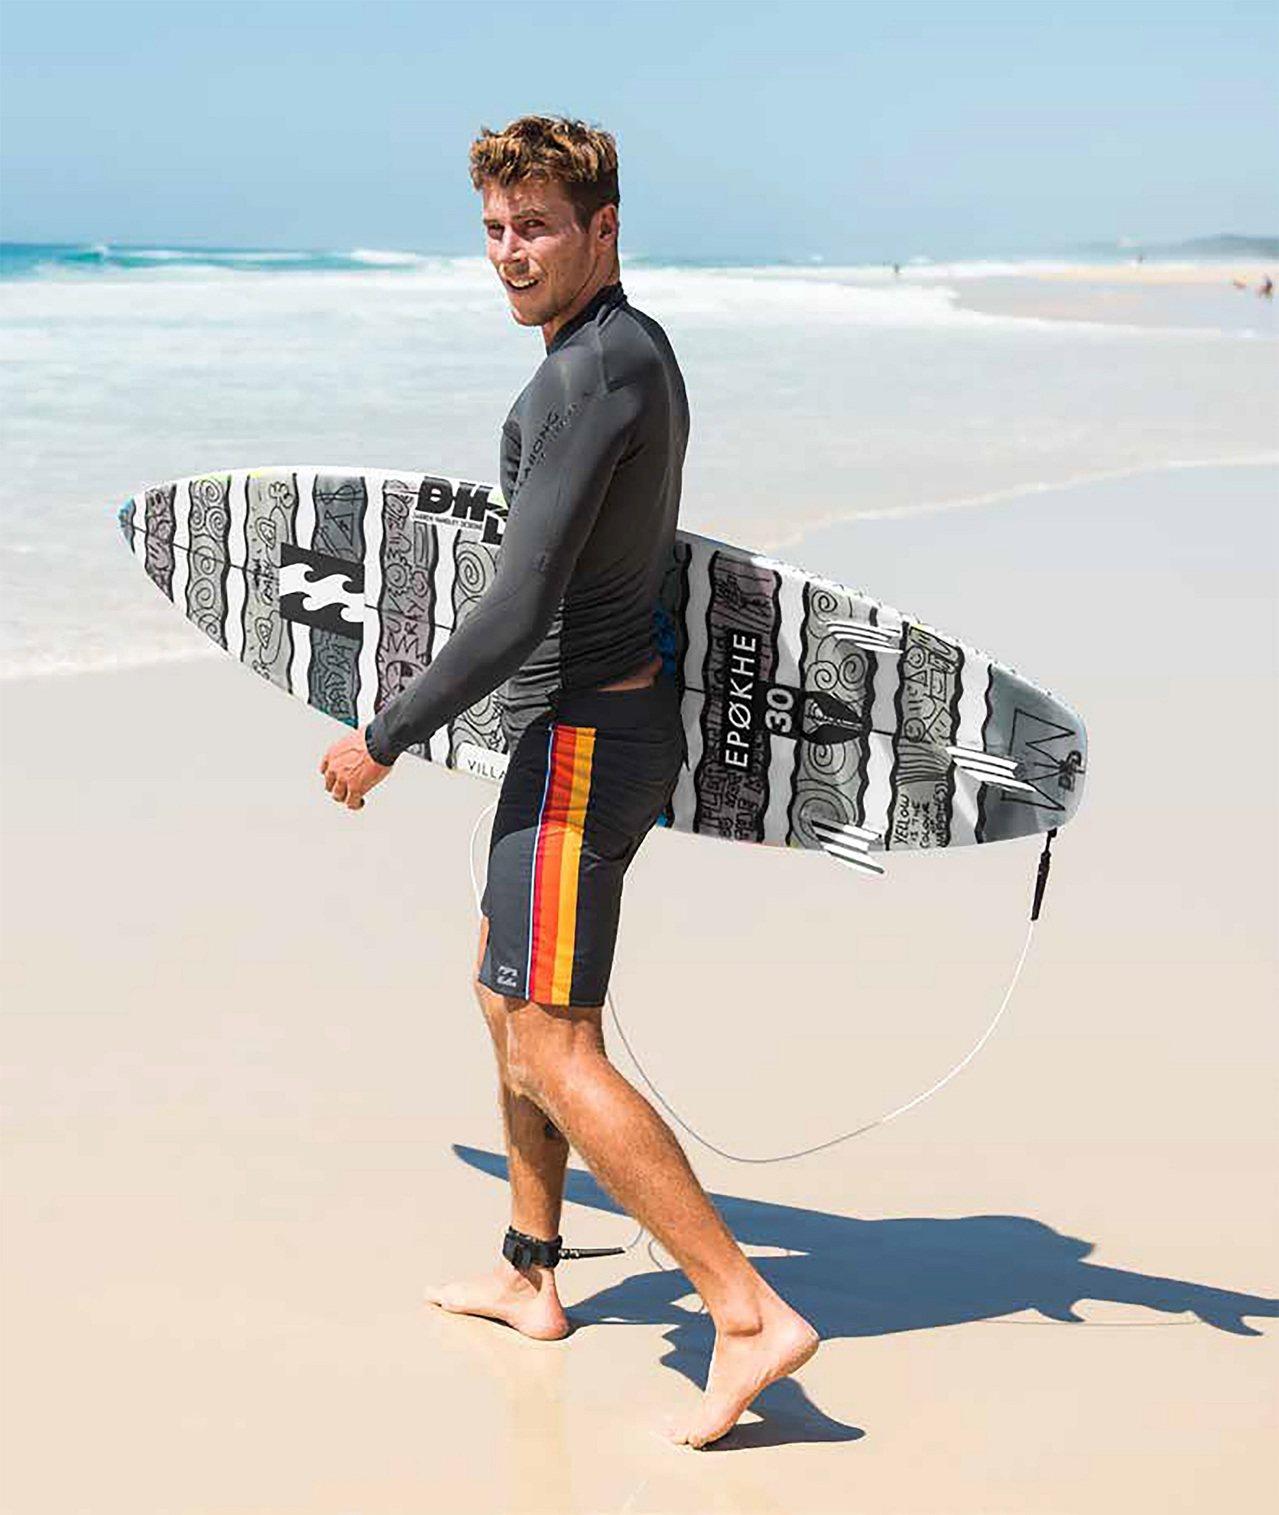 澳洲衝浪品牌BILLABONG進軍台灣市場,並推出冬季新款服飾。圖/摩曼頓提供